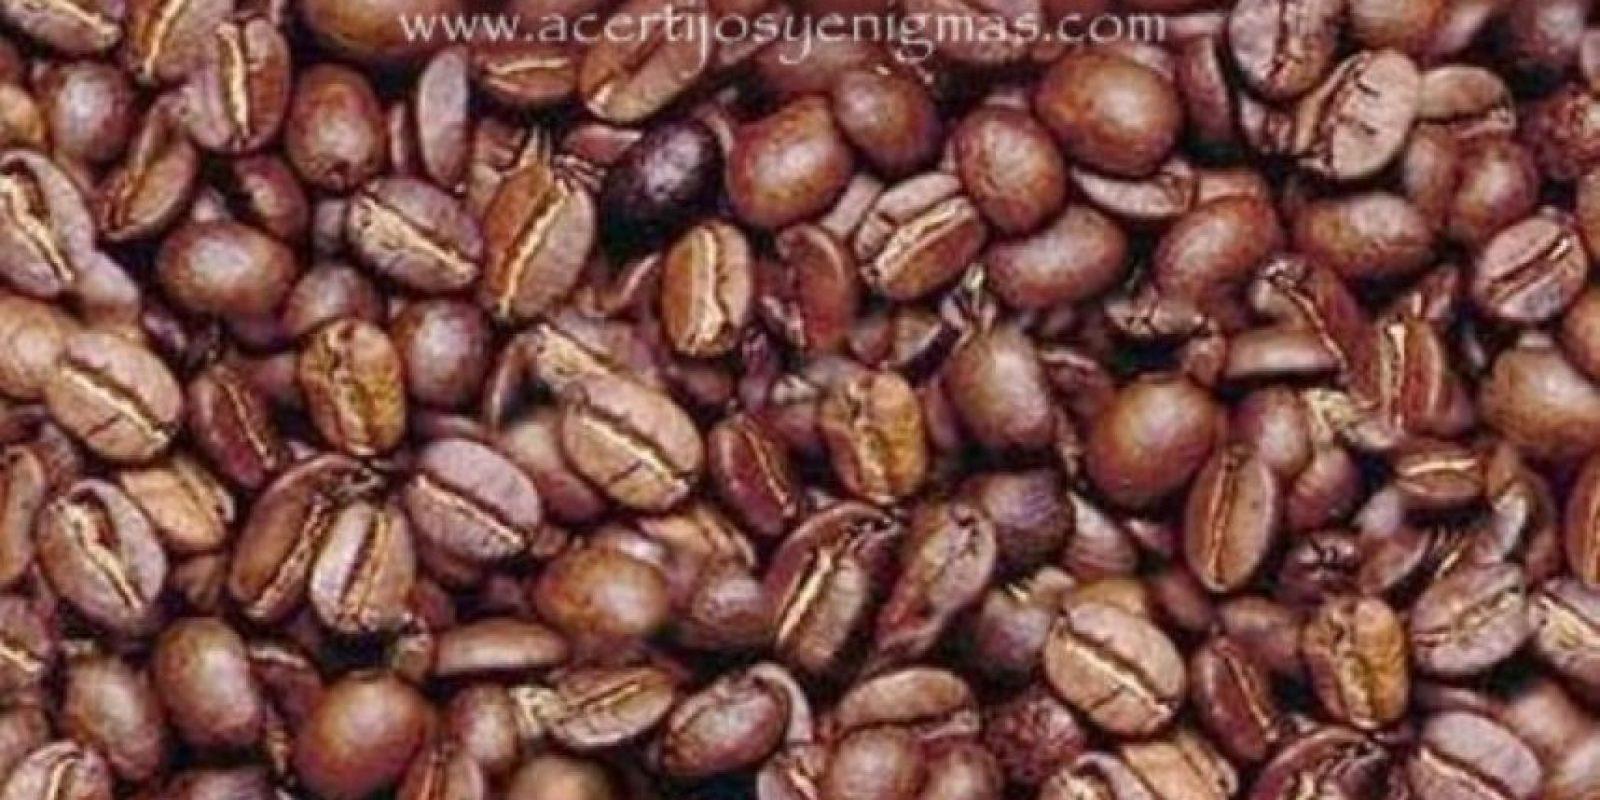 Ven al hombre oculto entre los granos de café Foto:acertijosyenigmas.com